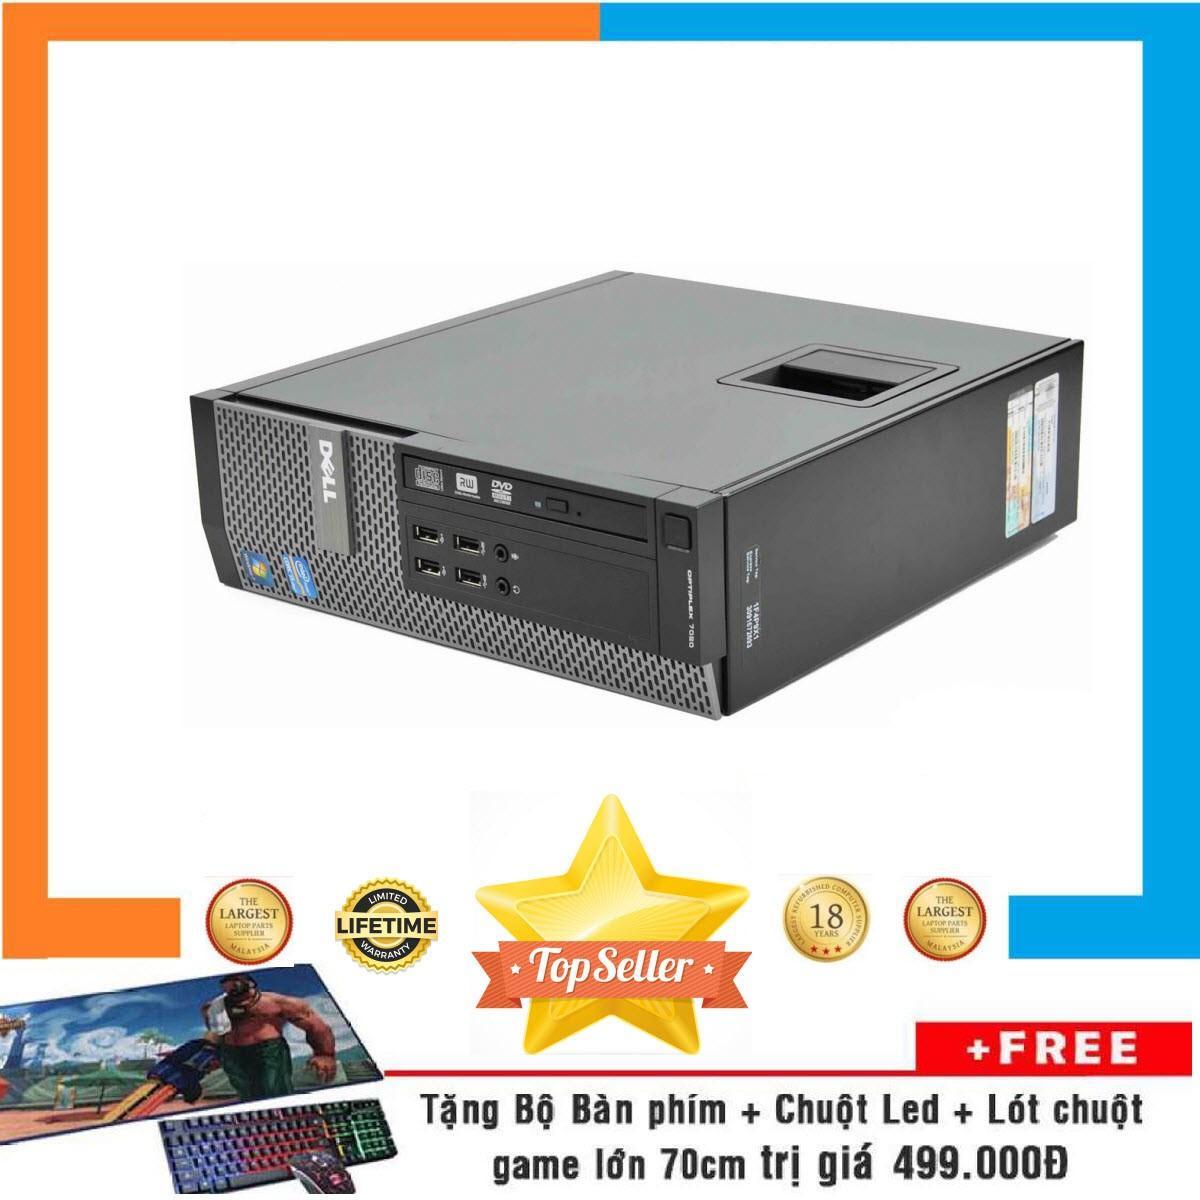 Máy tính chơi GameDell Optiplex 7020 SFF Nguyên Bản, Chạy CPU Core i3 4160, Ram 16GB, SSD 480GB, VGA RỜI 2GB  + Bộ Quà Tặng